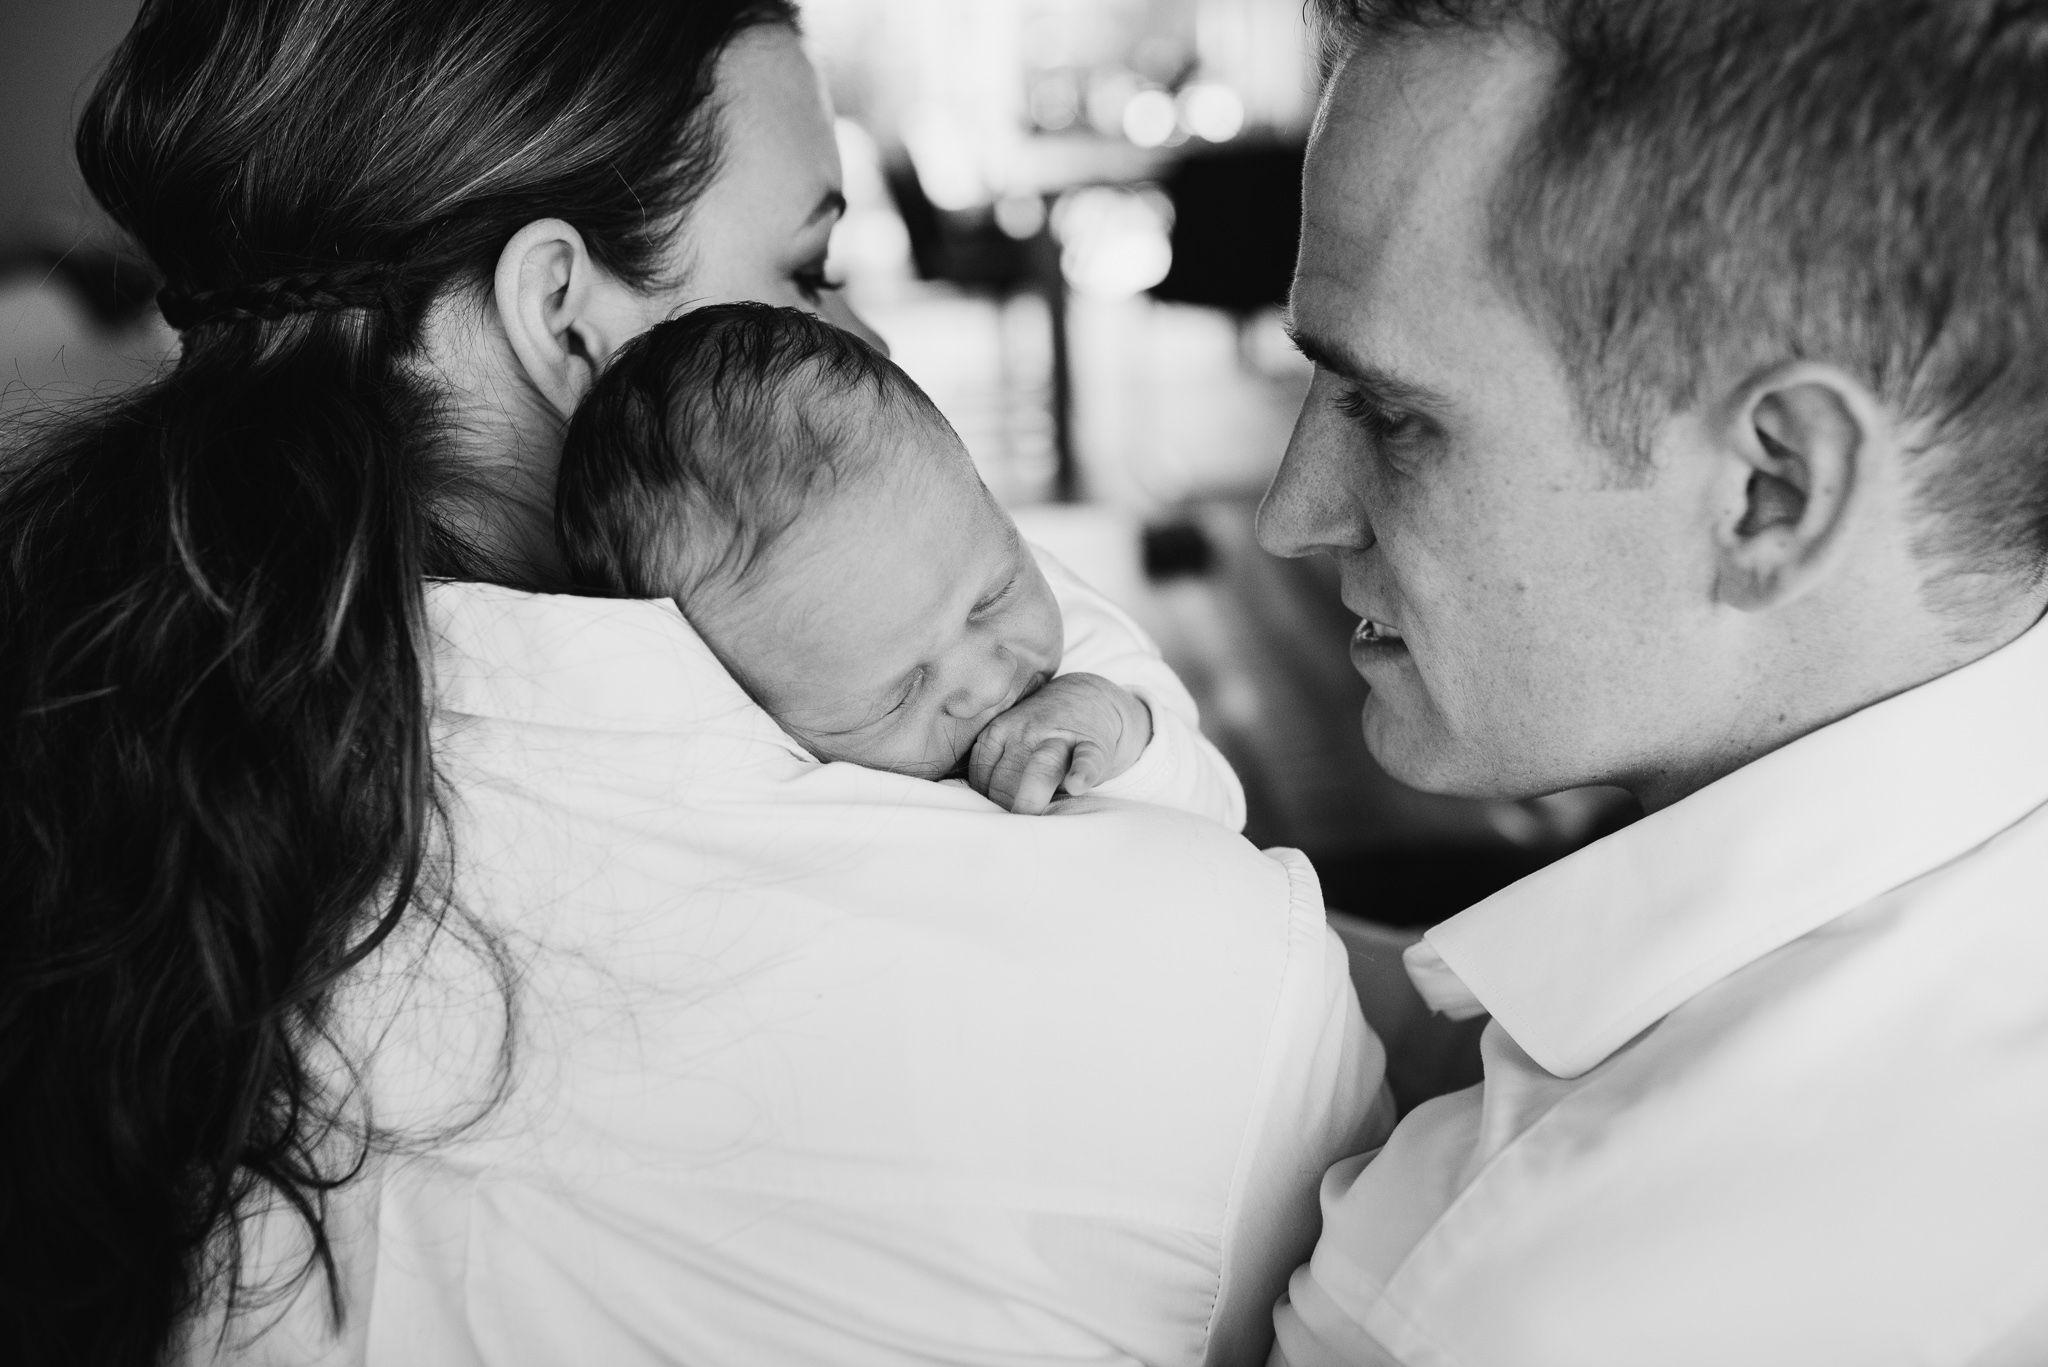 foto's pasgeboren baby thuis